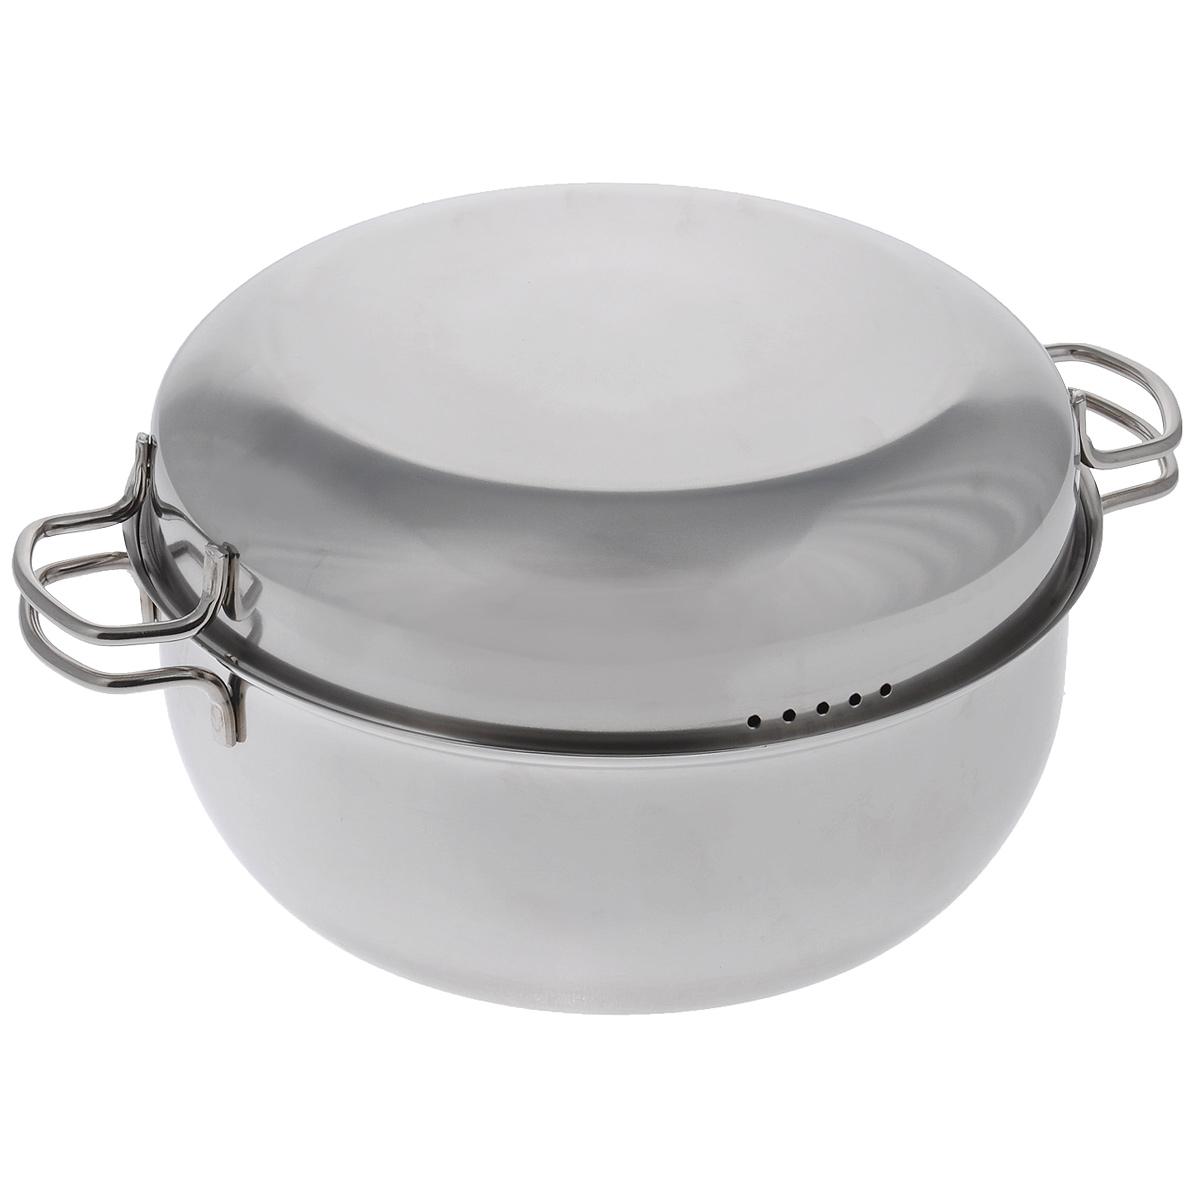 Мантоварка АМЕТ с крышкой, 2 яруса, 4,5 л1с915Мантоварка АМЕТ предназначена для приготовления диетических блюд на пару, в частности - мантов. Изделие гигиенично и безопасно для здоровья. Нержавеющая сталь обладает малой теплопроводностью, поэтому посуда из нее остывает гораздо медленнее, чем любой другой вид посуды, а значит, приготовленное в ней более длительное время остается горячим. Мантоварка имеет две решетки с ручками из нержавеющей стали, на ножках и крышку. Крышка плотно прилегает к краю мантоварки, сохраняя аромат блюд. Крышка оснащена двумя удобными ручками и отверстиями для выпуска пара. Подходит для газовых и электрических плит. Можно мыть в посудомоечной машине. Высота стенки: 11,5 см. Толщина стенки: 0,2 см. Толщина дна: 0,3 см. Ширина мантоварки (с учетом ручек): 35 см. Диаметр решетки: 25 см. Высота решетки (с учетом ножек и ручки): 9,5 см. Высота мантоварки (с учетом крышки): 16 см.